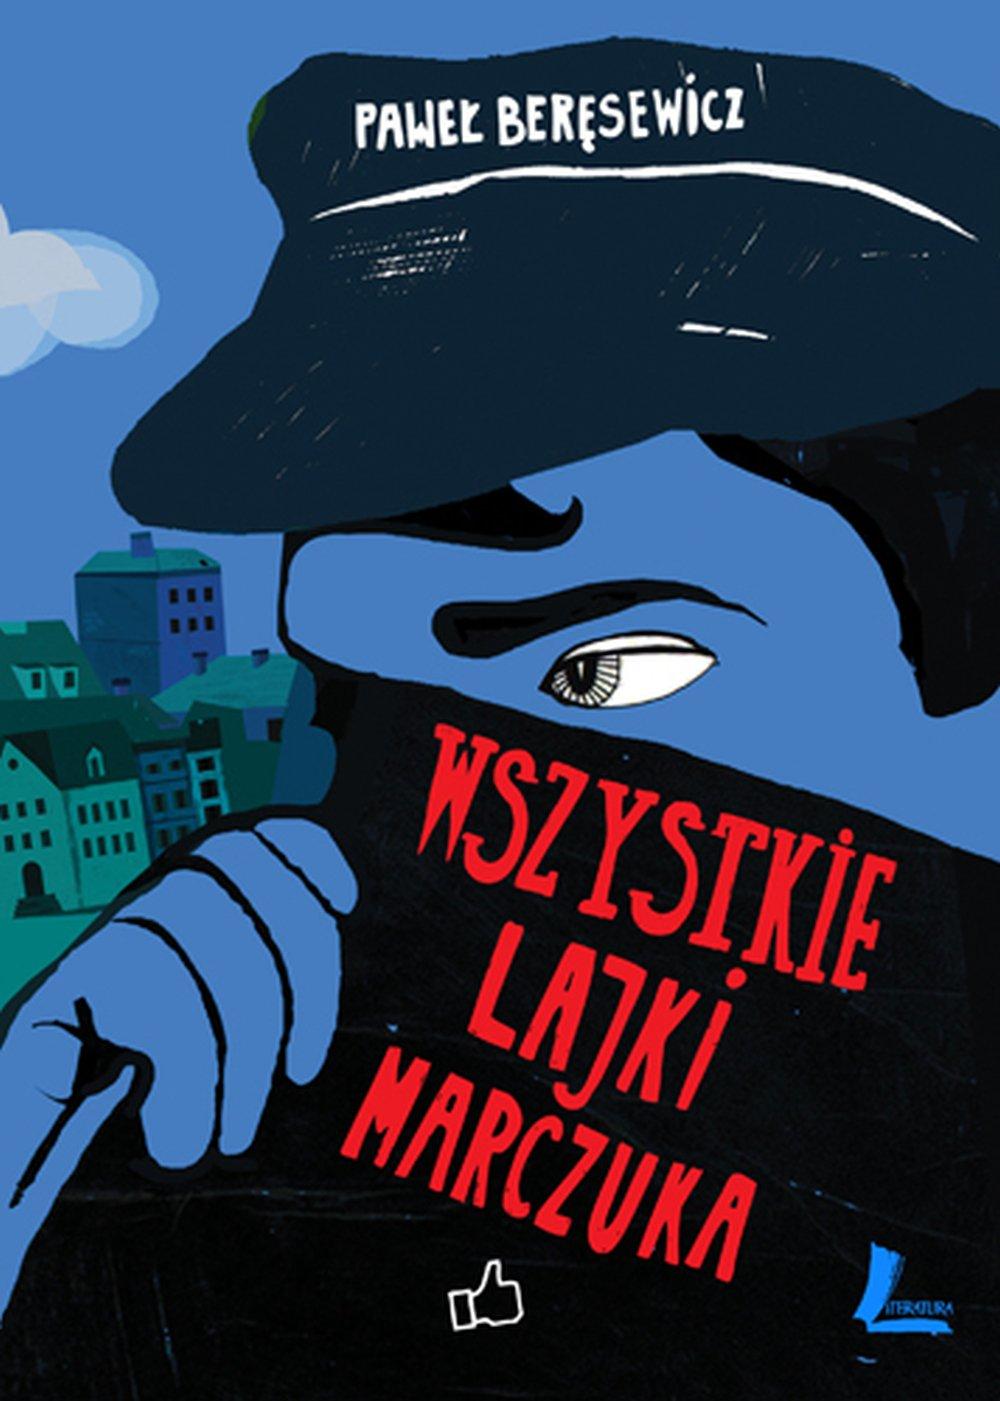 Wszystkie lajki Marczuka - Ebook (Książka EPUB) do pobrania w formacie EPUB